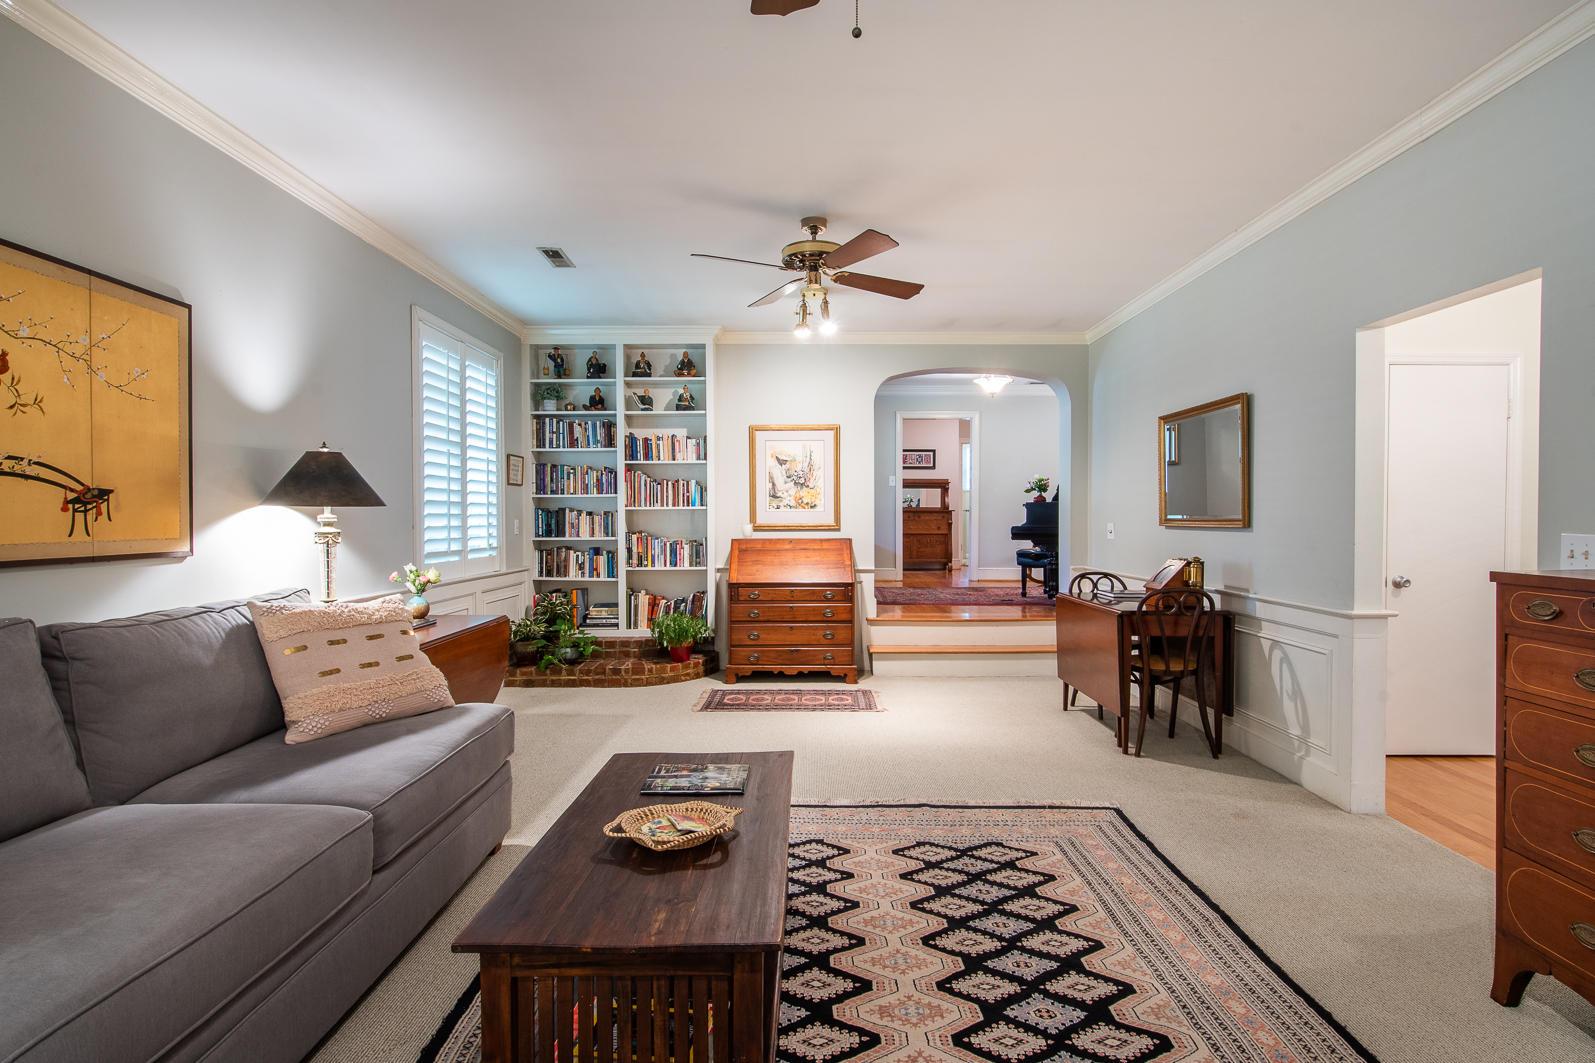 Old Mt Pleasant Homes For Sale - 1344 Fairmont, Mount Pleasant, SC - 13